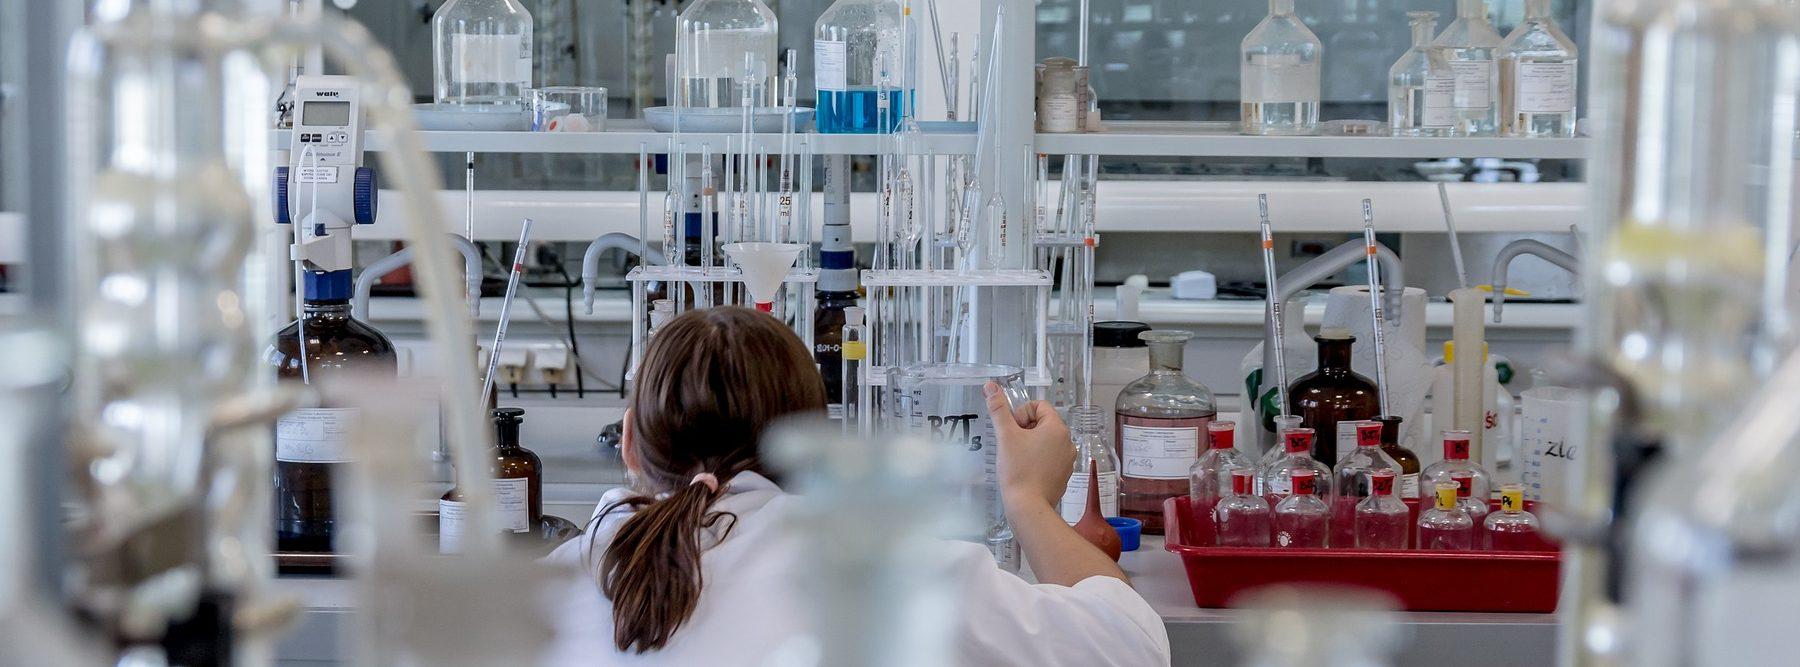 Investigadores descubren nueva vacuna contra la rabia más efectiva